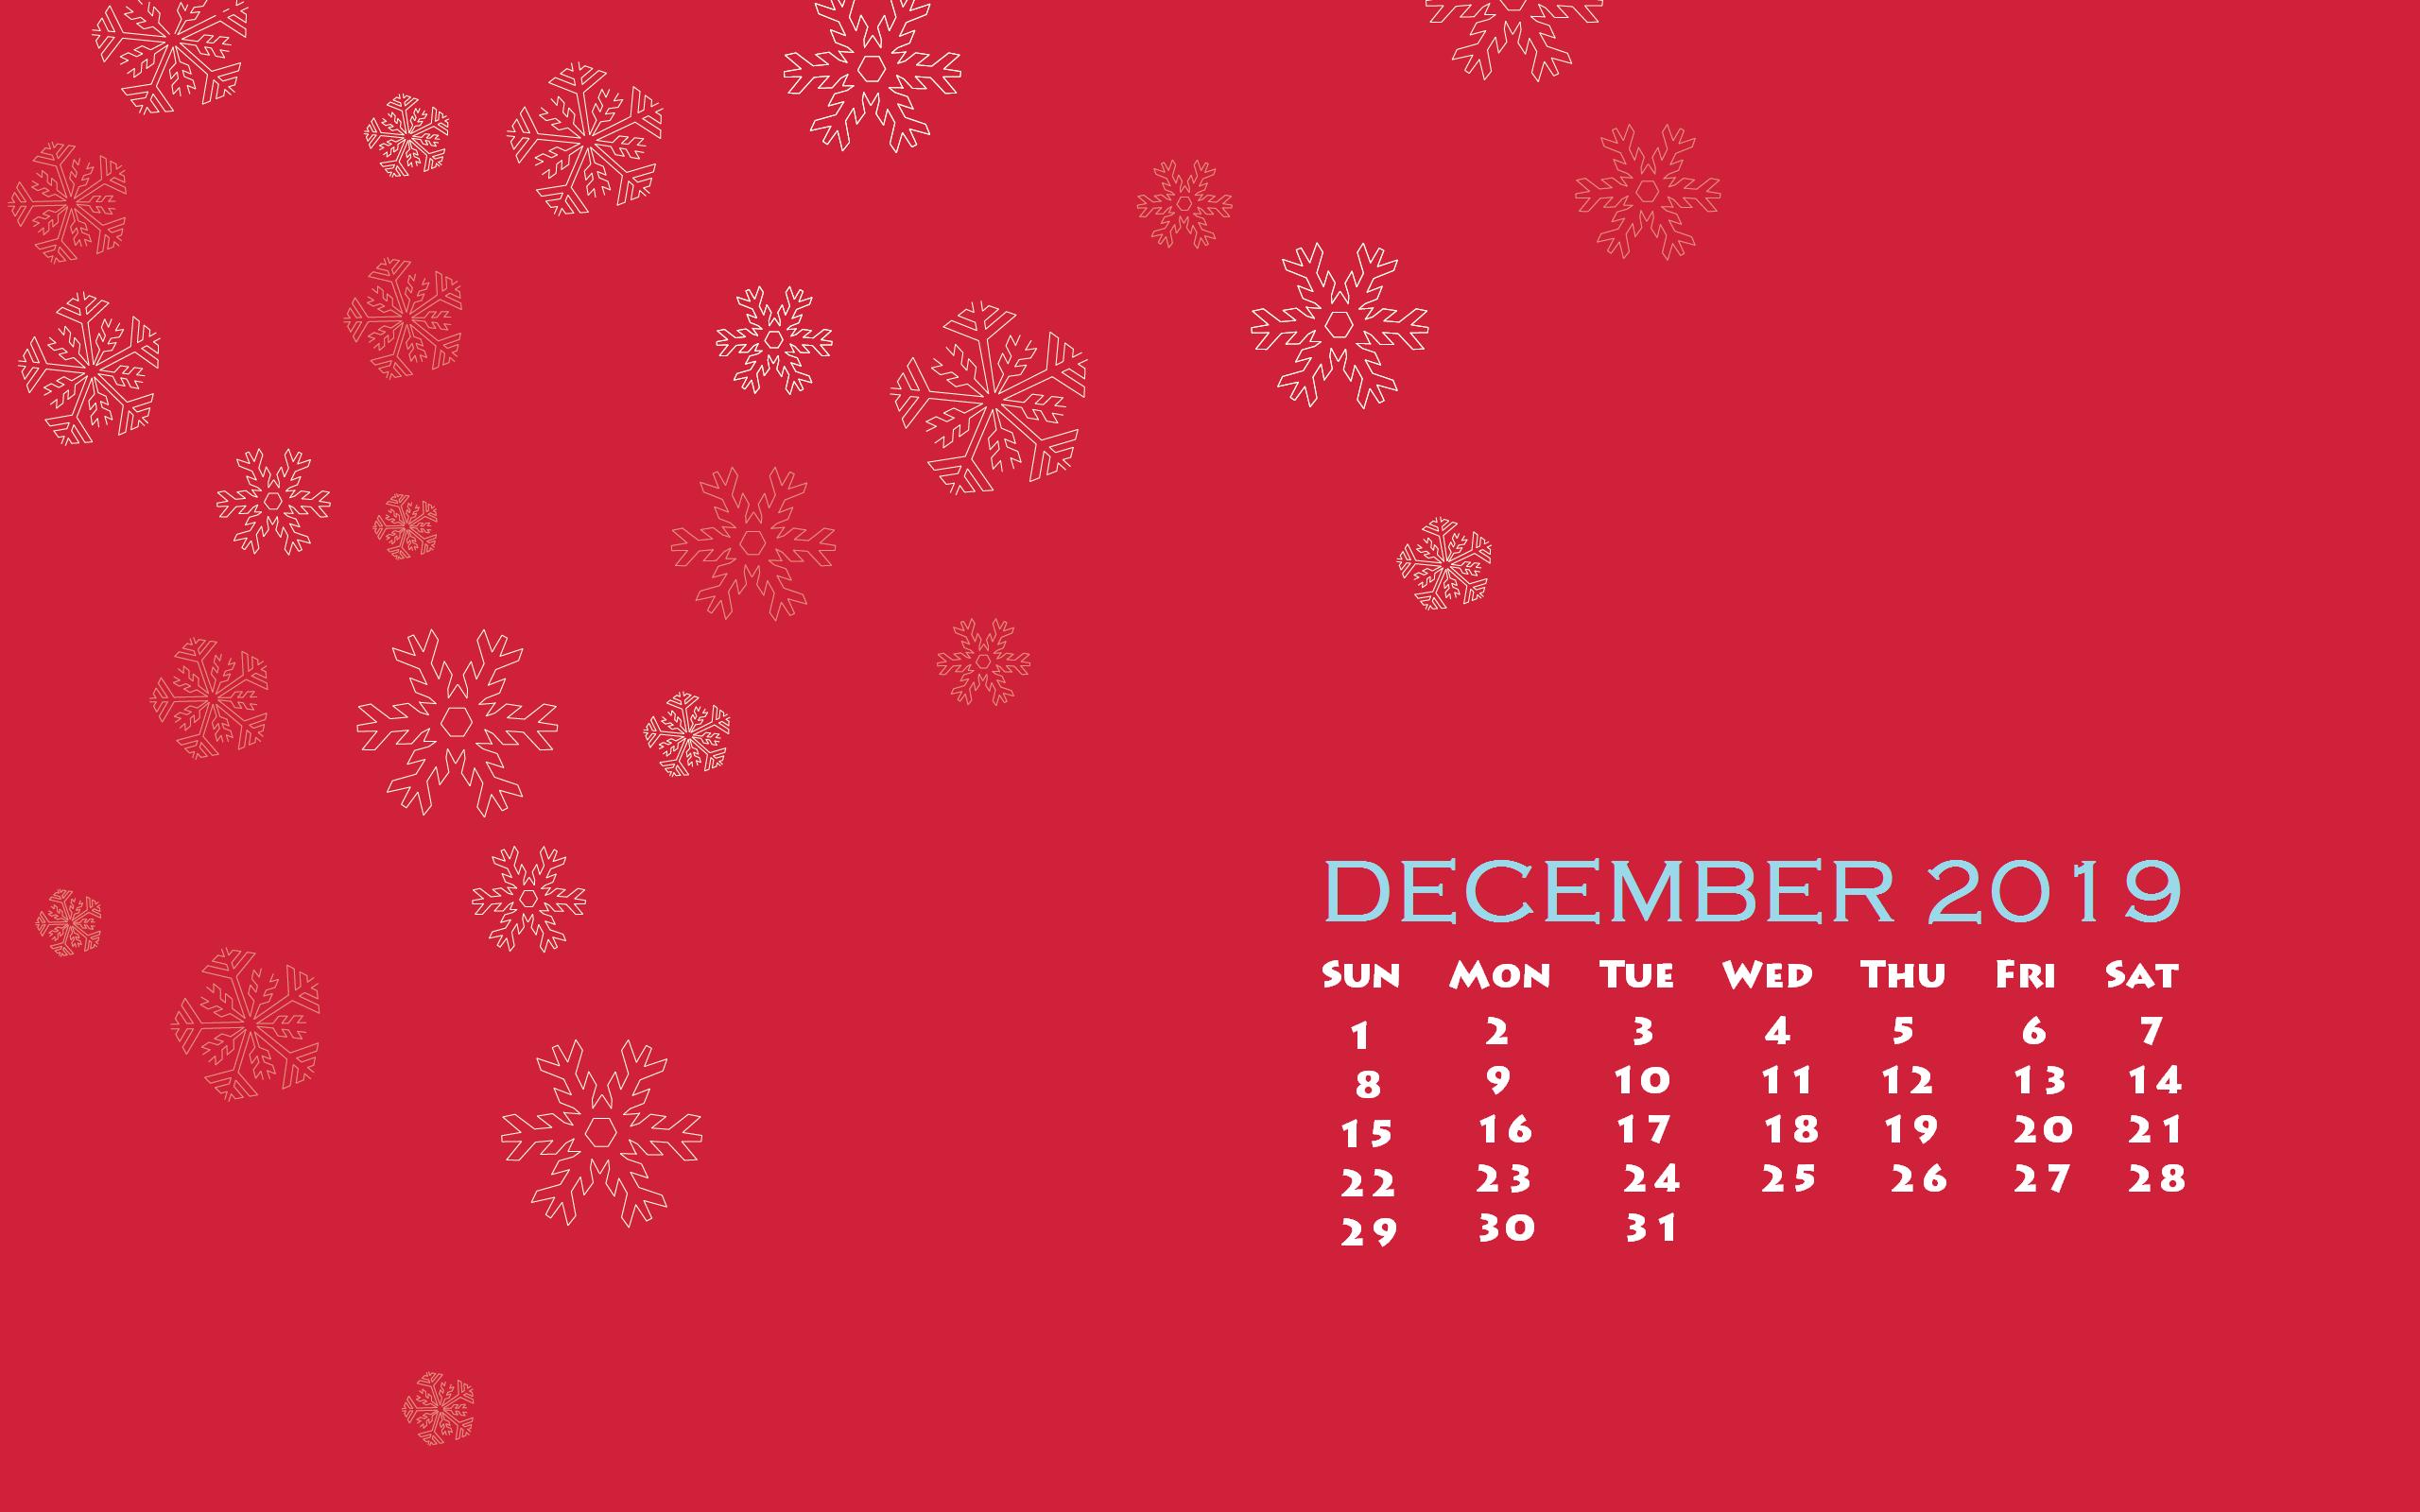 December 2019 Desktop Calendar Wallpaper - December 2019 Desktop Wallpaper Calendar , HD Wallpaper & Backgrounds